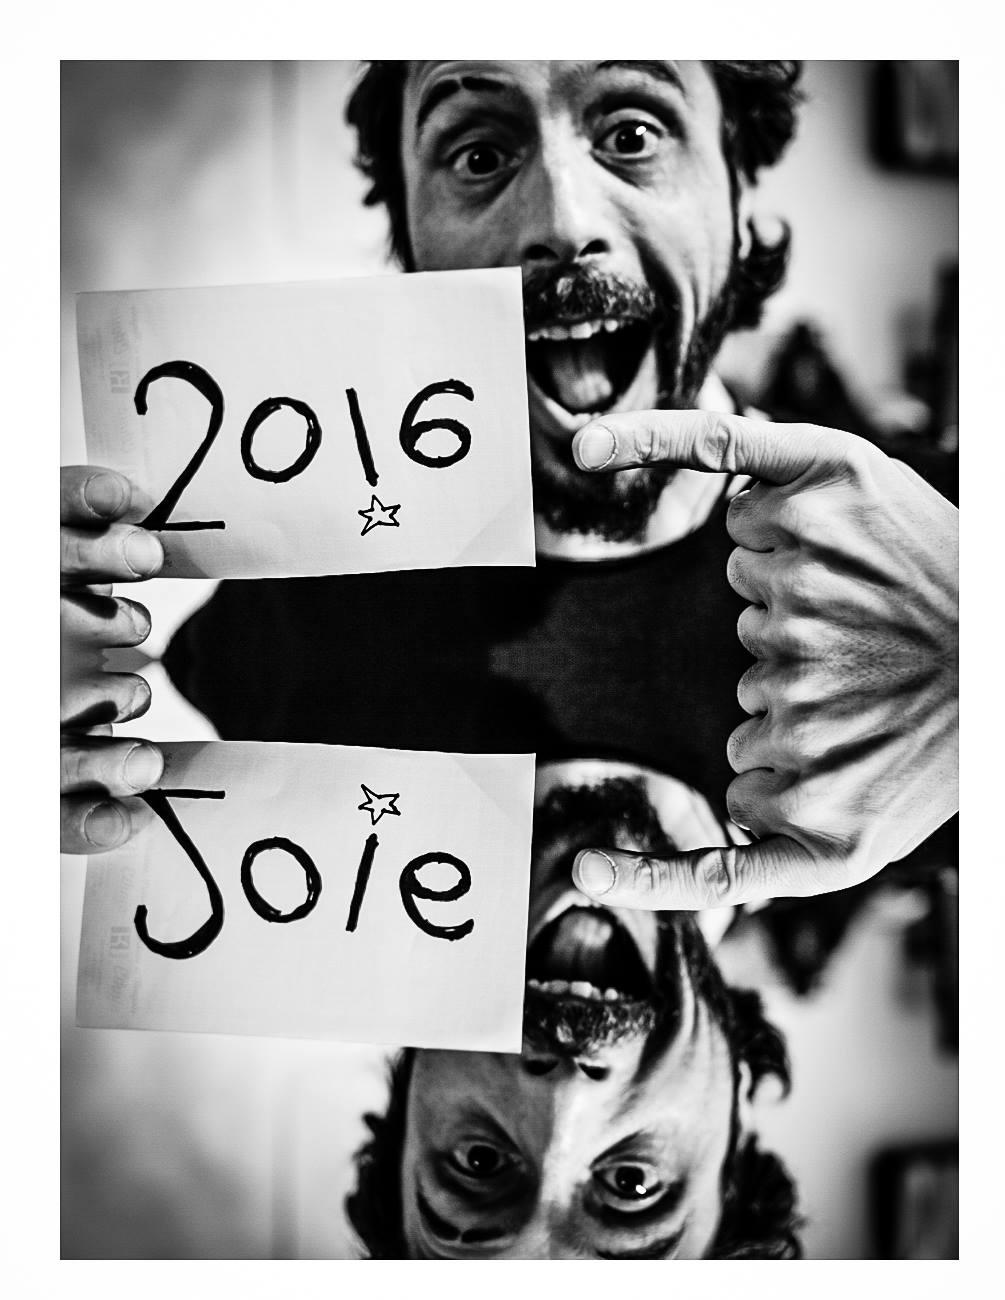 2016 = joie